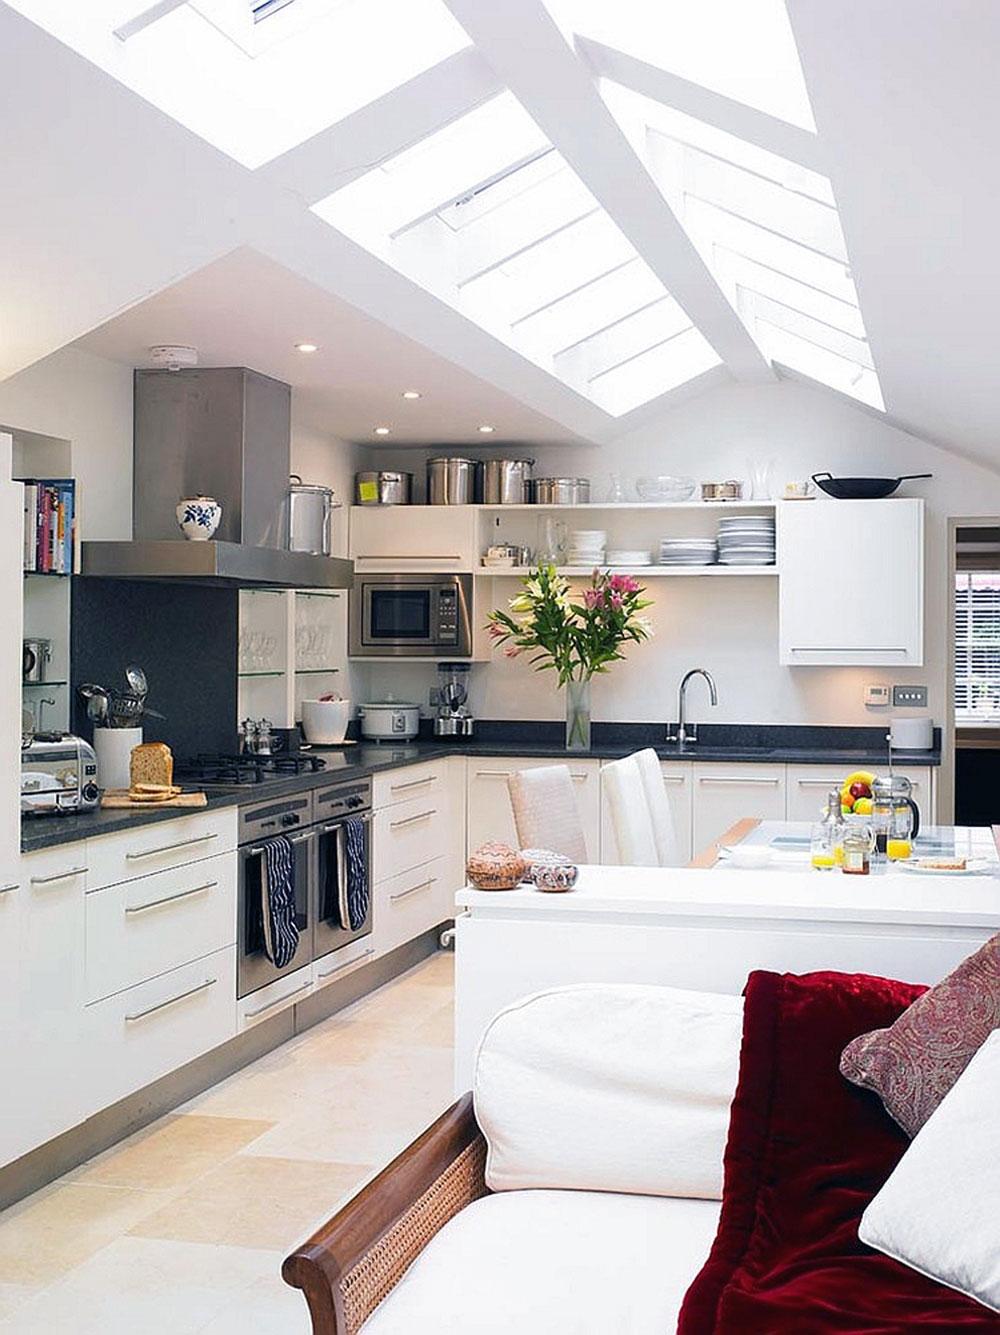 Kök med takfönster för mer naturligt ljus 2 kök med takfönster för mer naturligt ljus